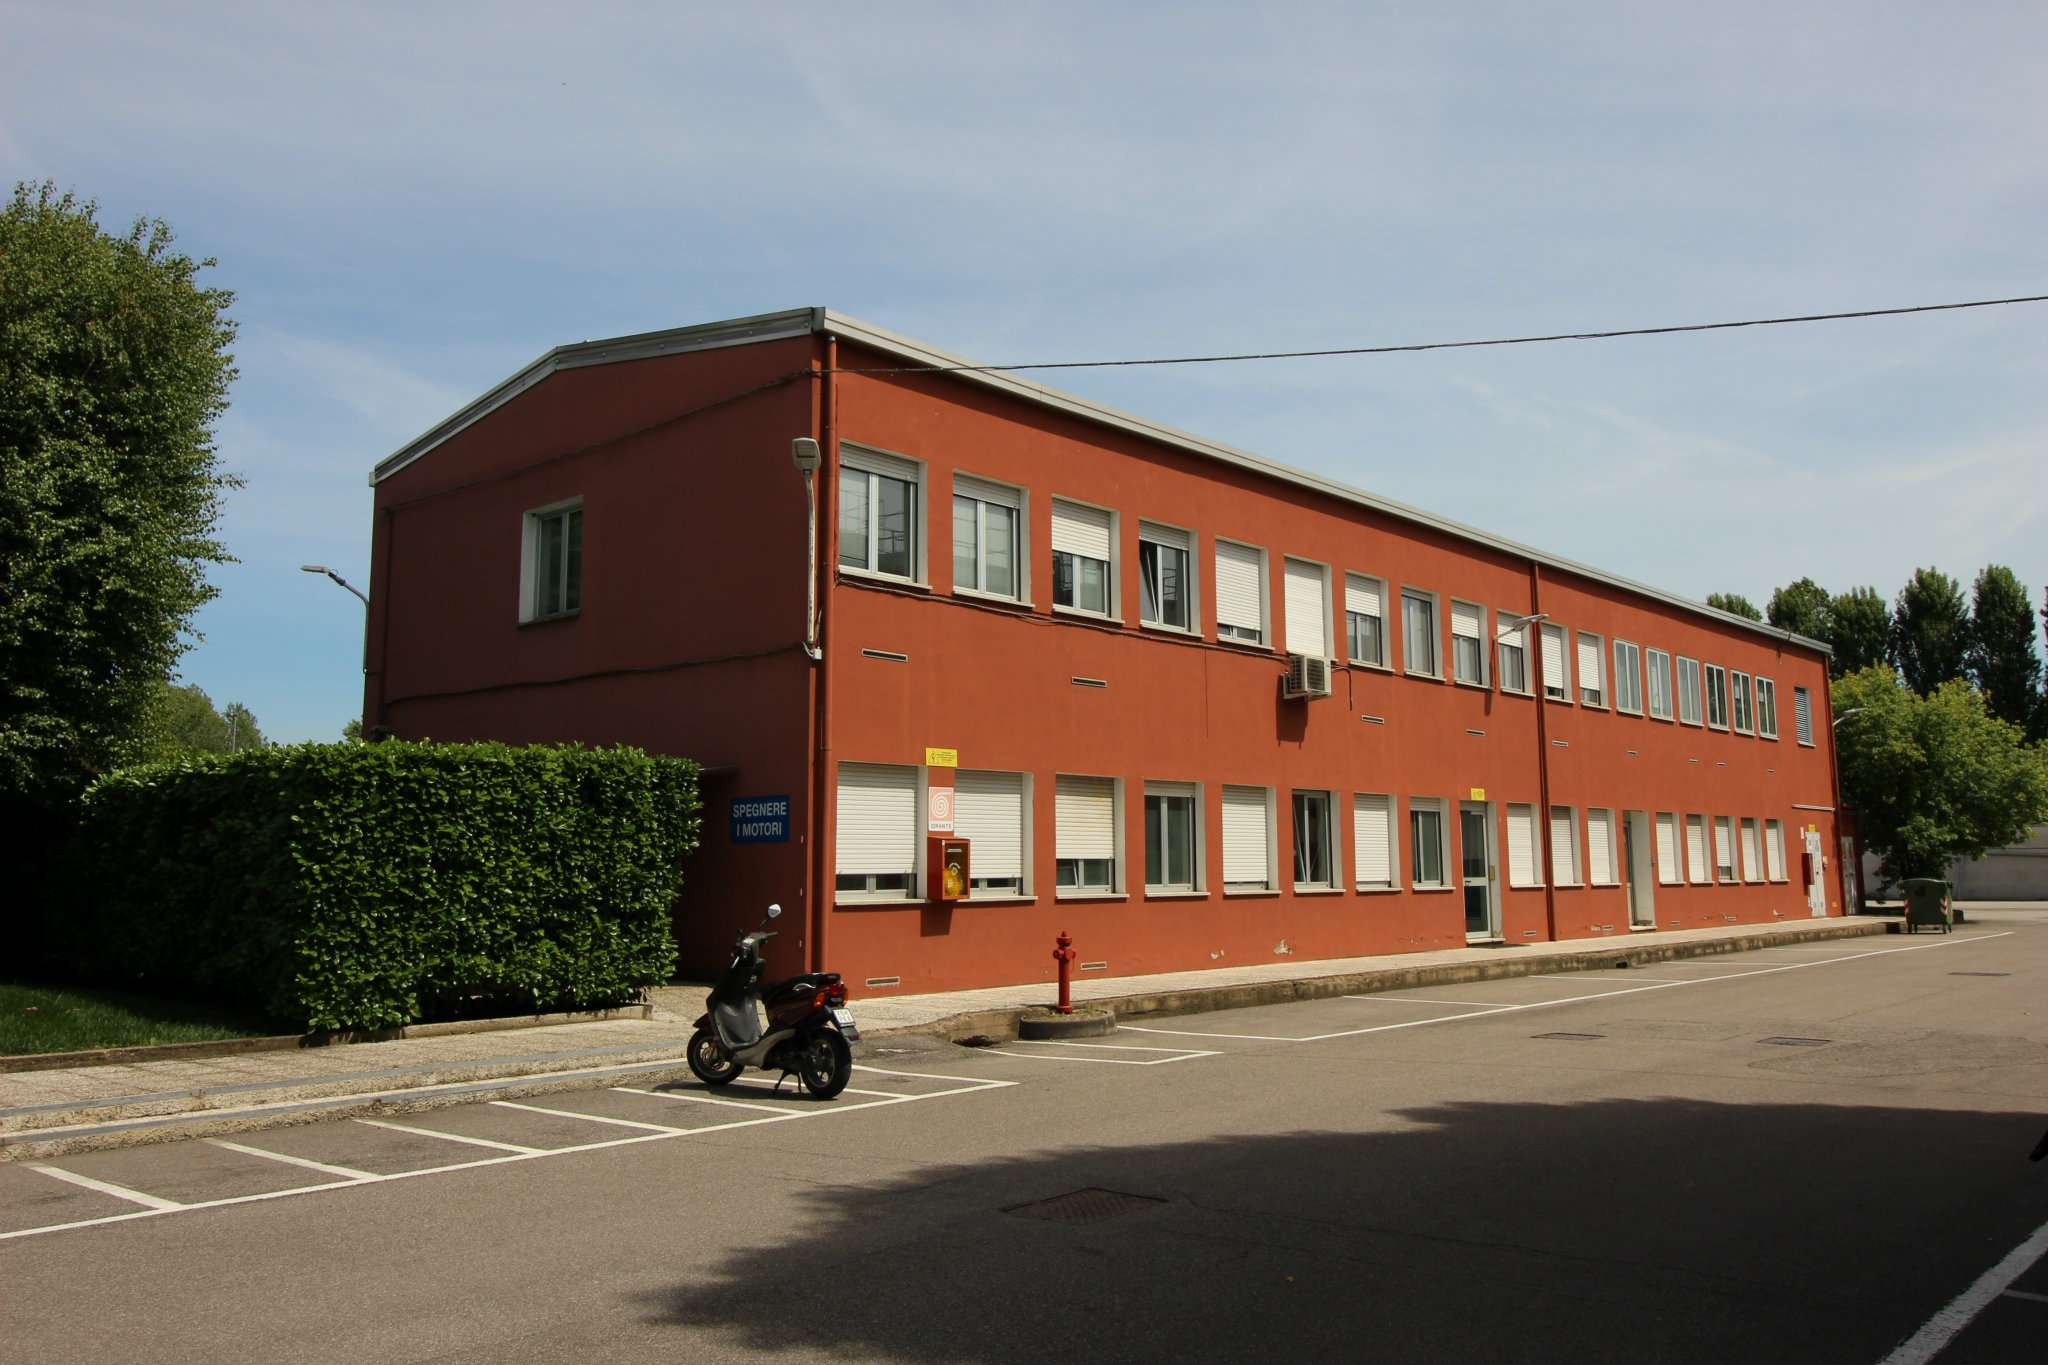 Ufficio / Studio in affitto a Cornaredo, 10 locali, prezzo € 2.334 | PortaleAgenzieImmobiliari.it